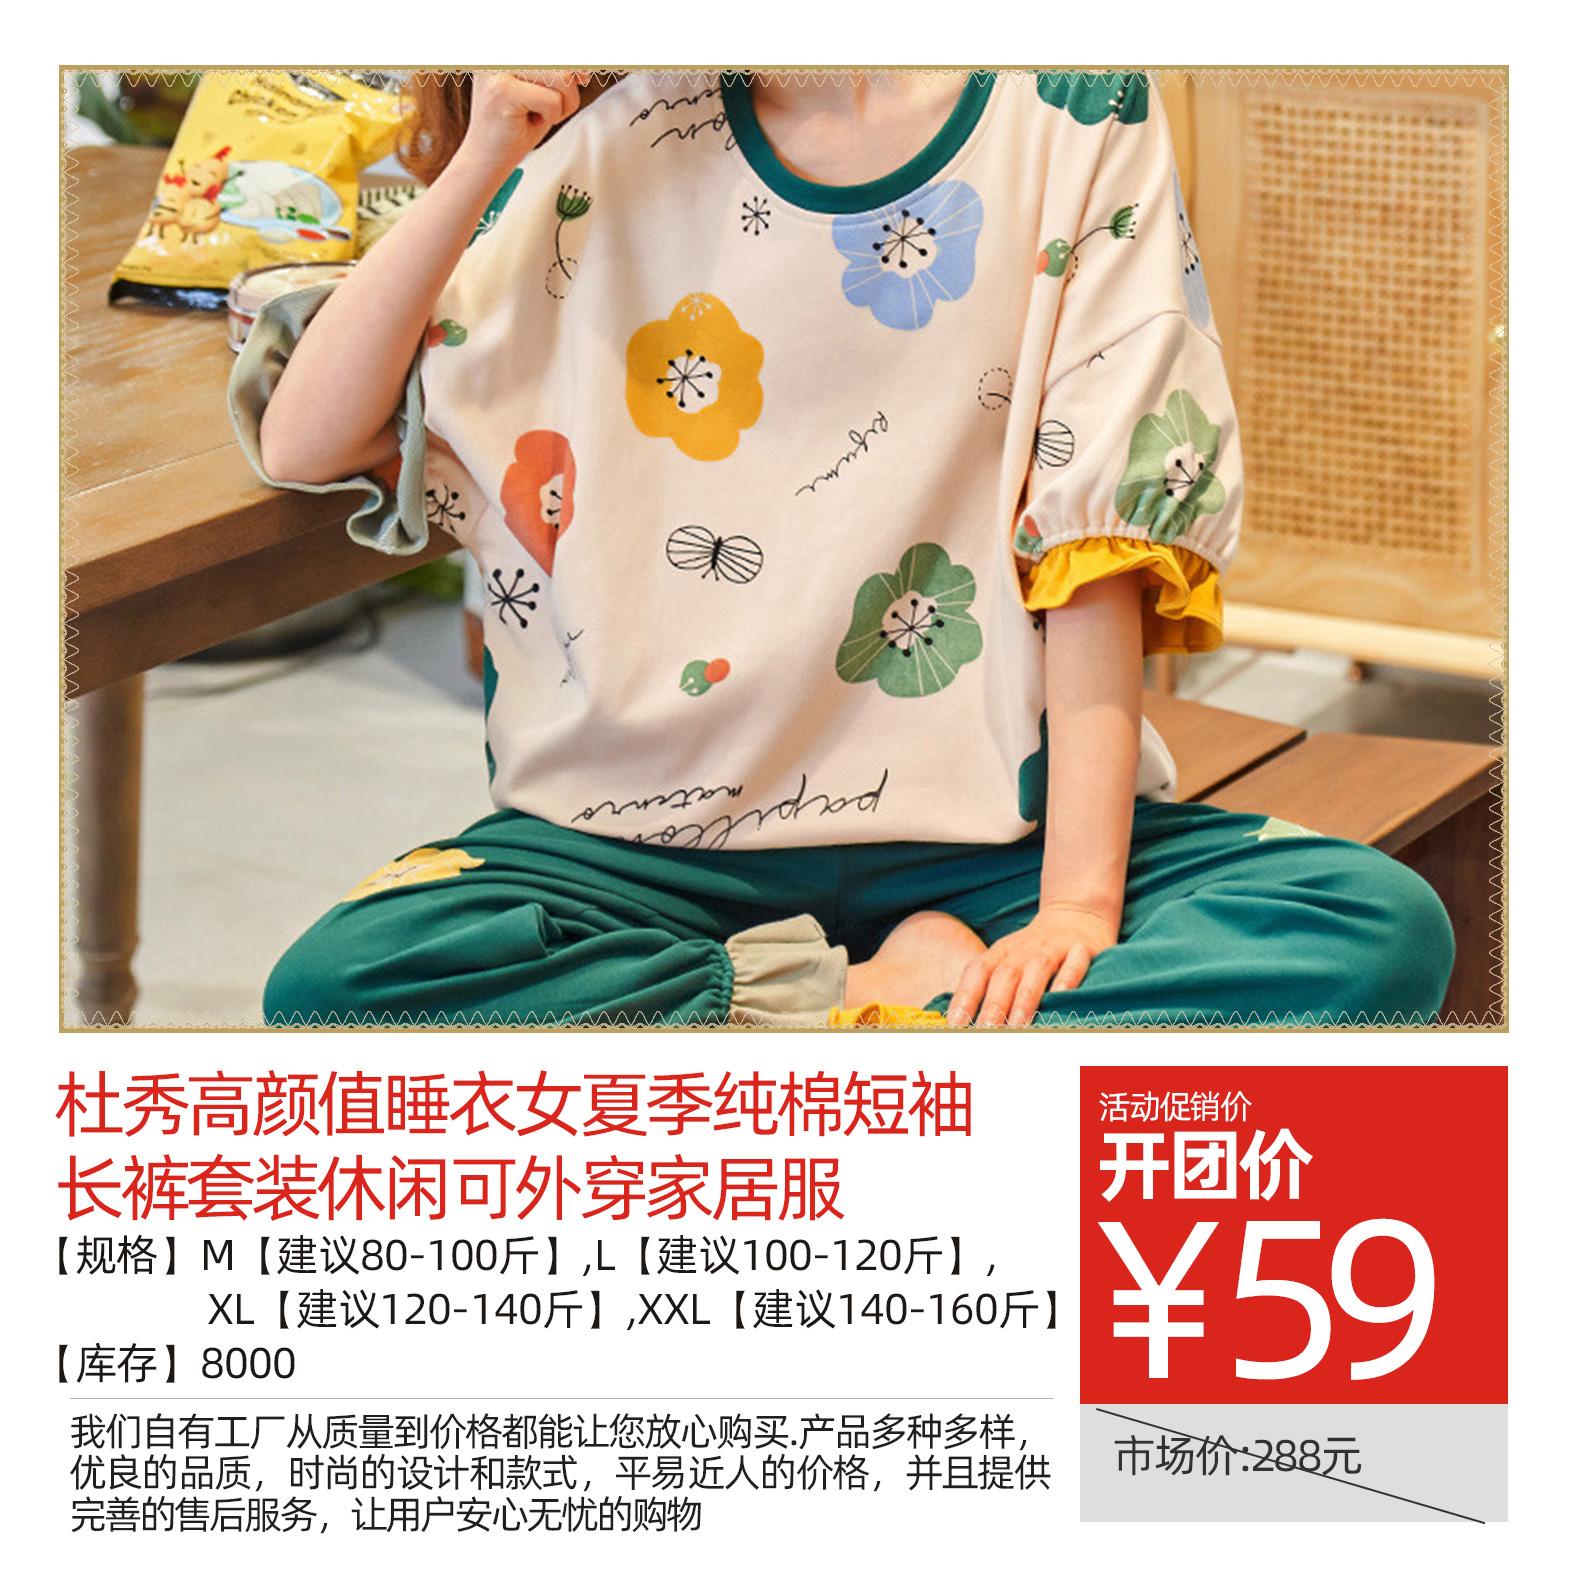 杜秀高颜值睡衣女夏季纯棉短袖长裤套装休闲可外穿家居服